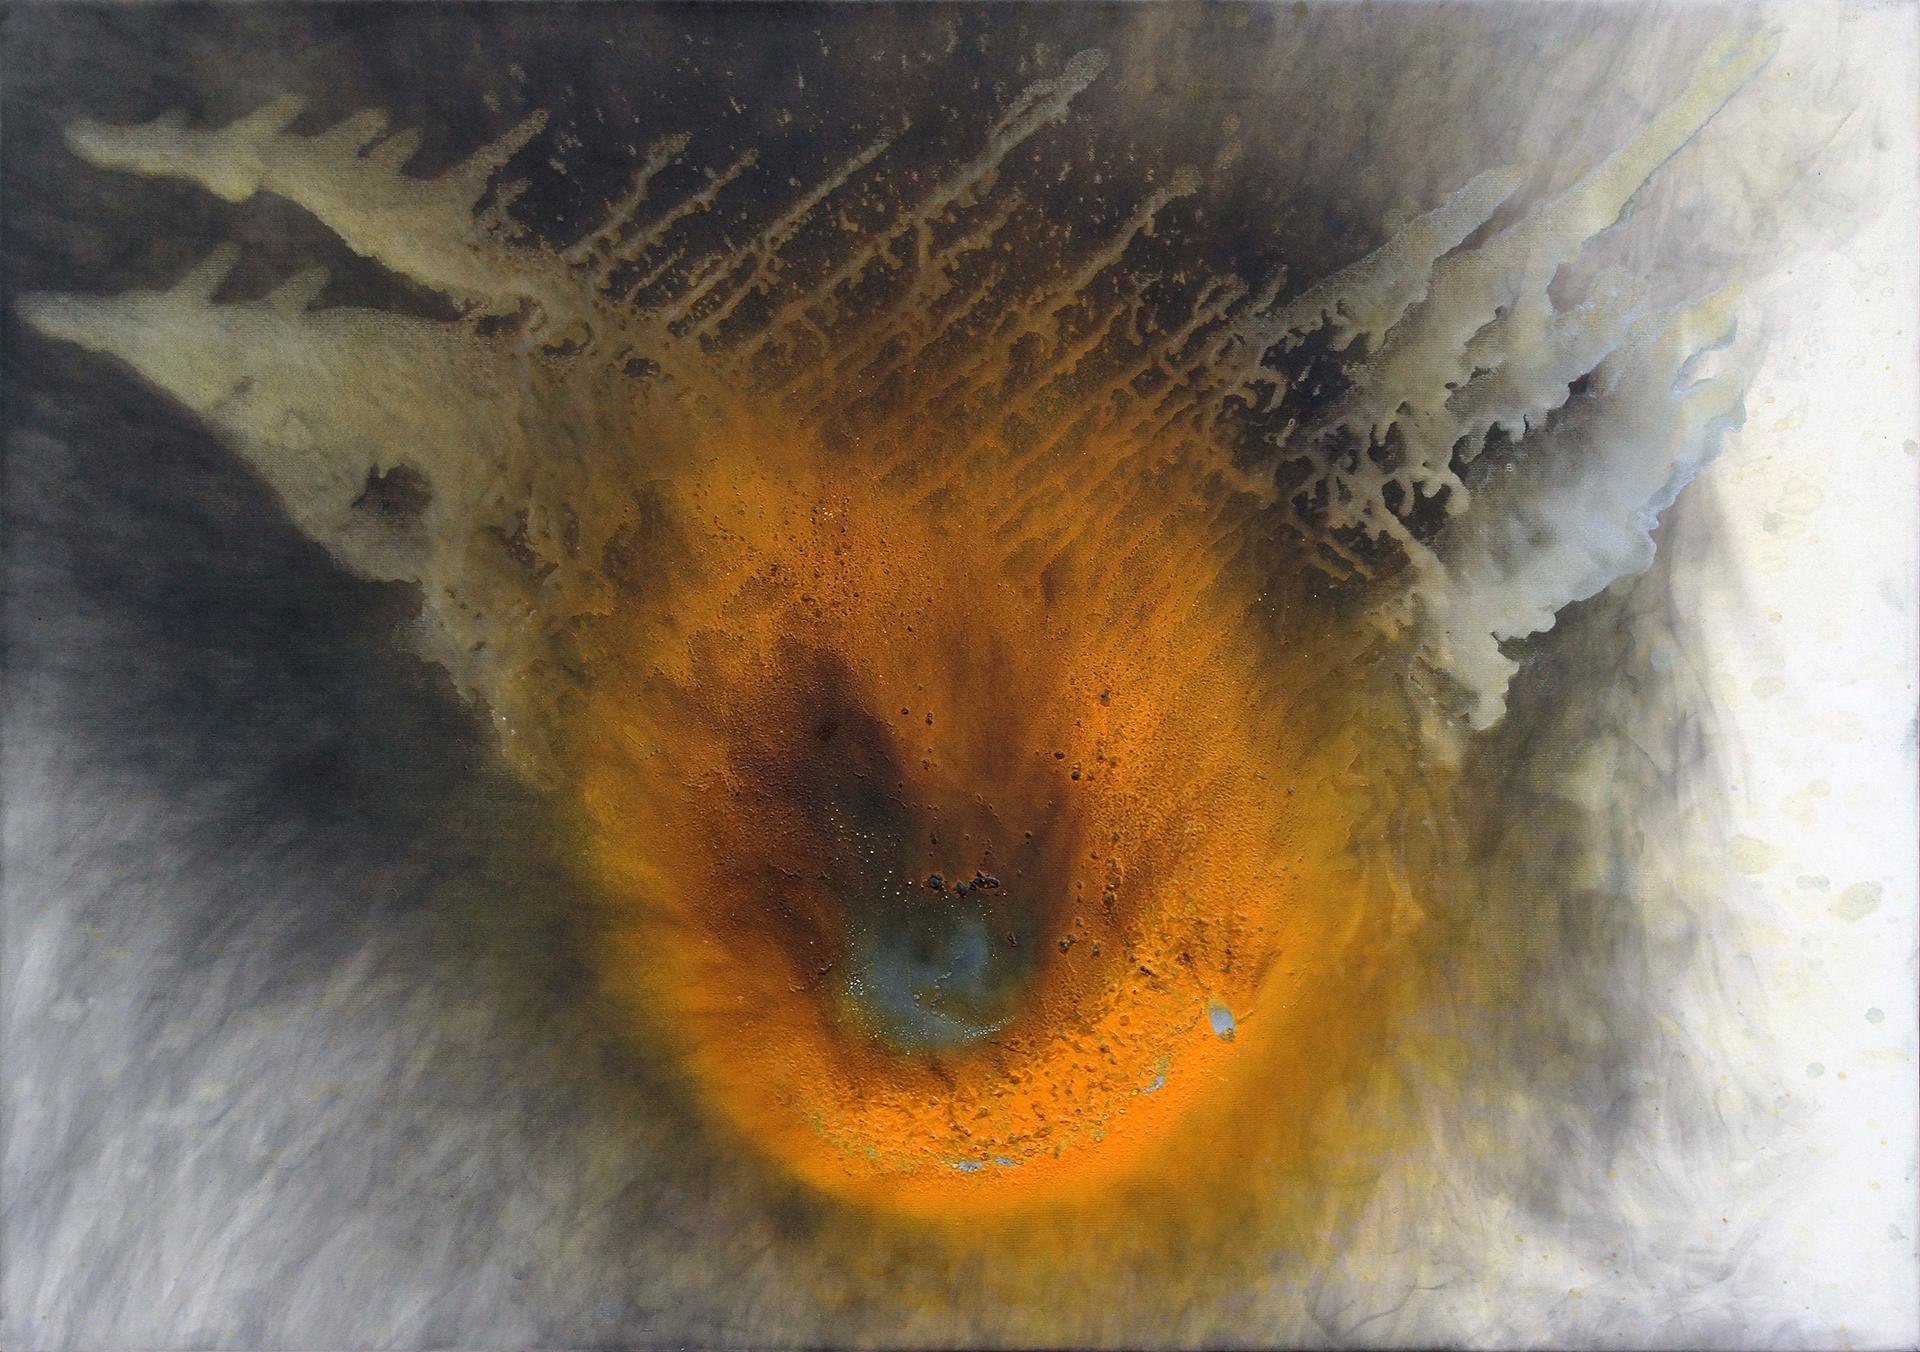 Otto Piene: Menow Sensation (1976)